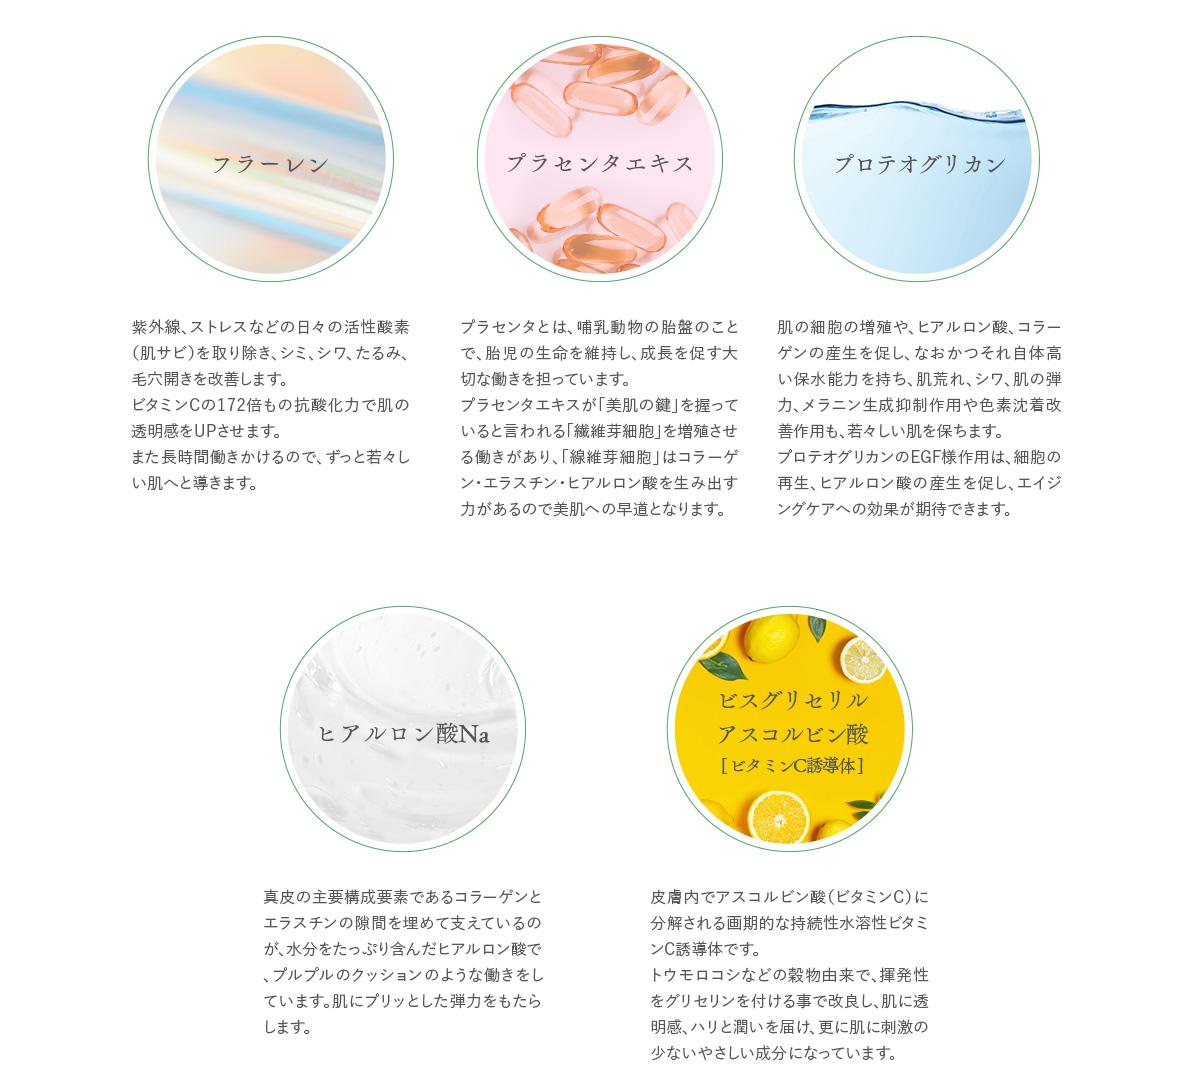 Eiju プレミアム美容液 オータムセール ¥7000⇒43%off